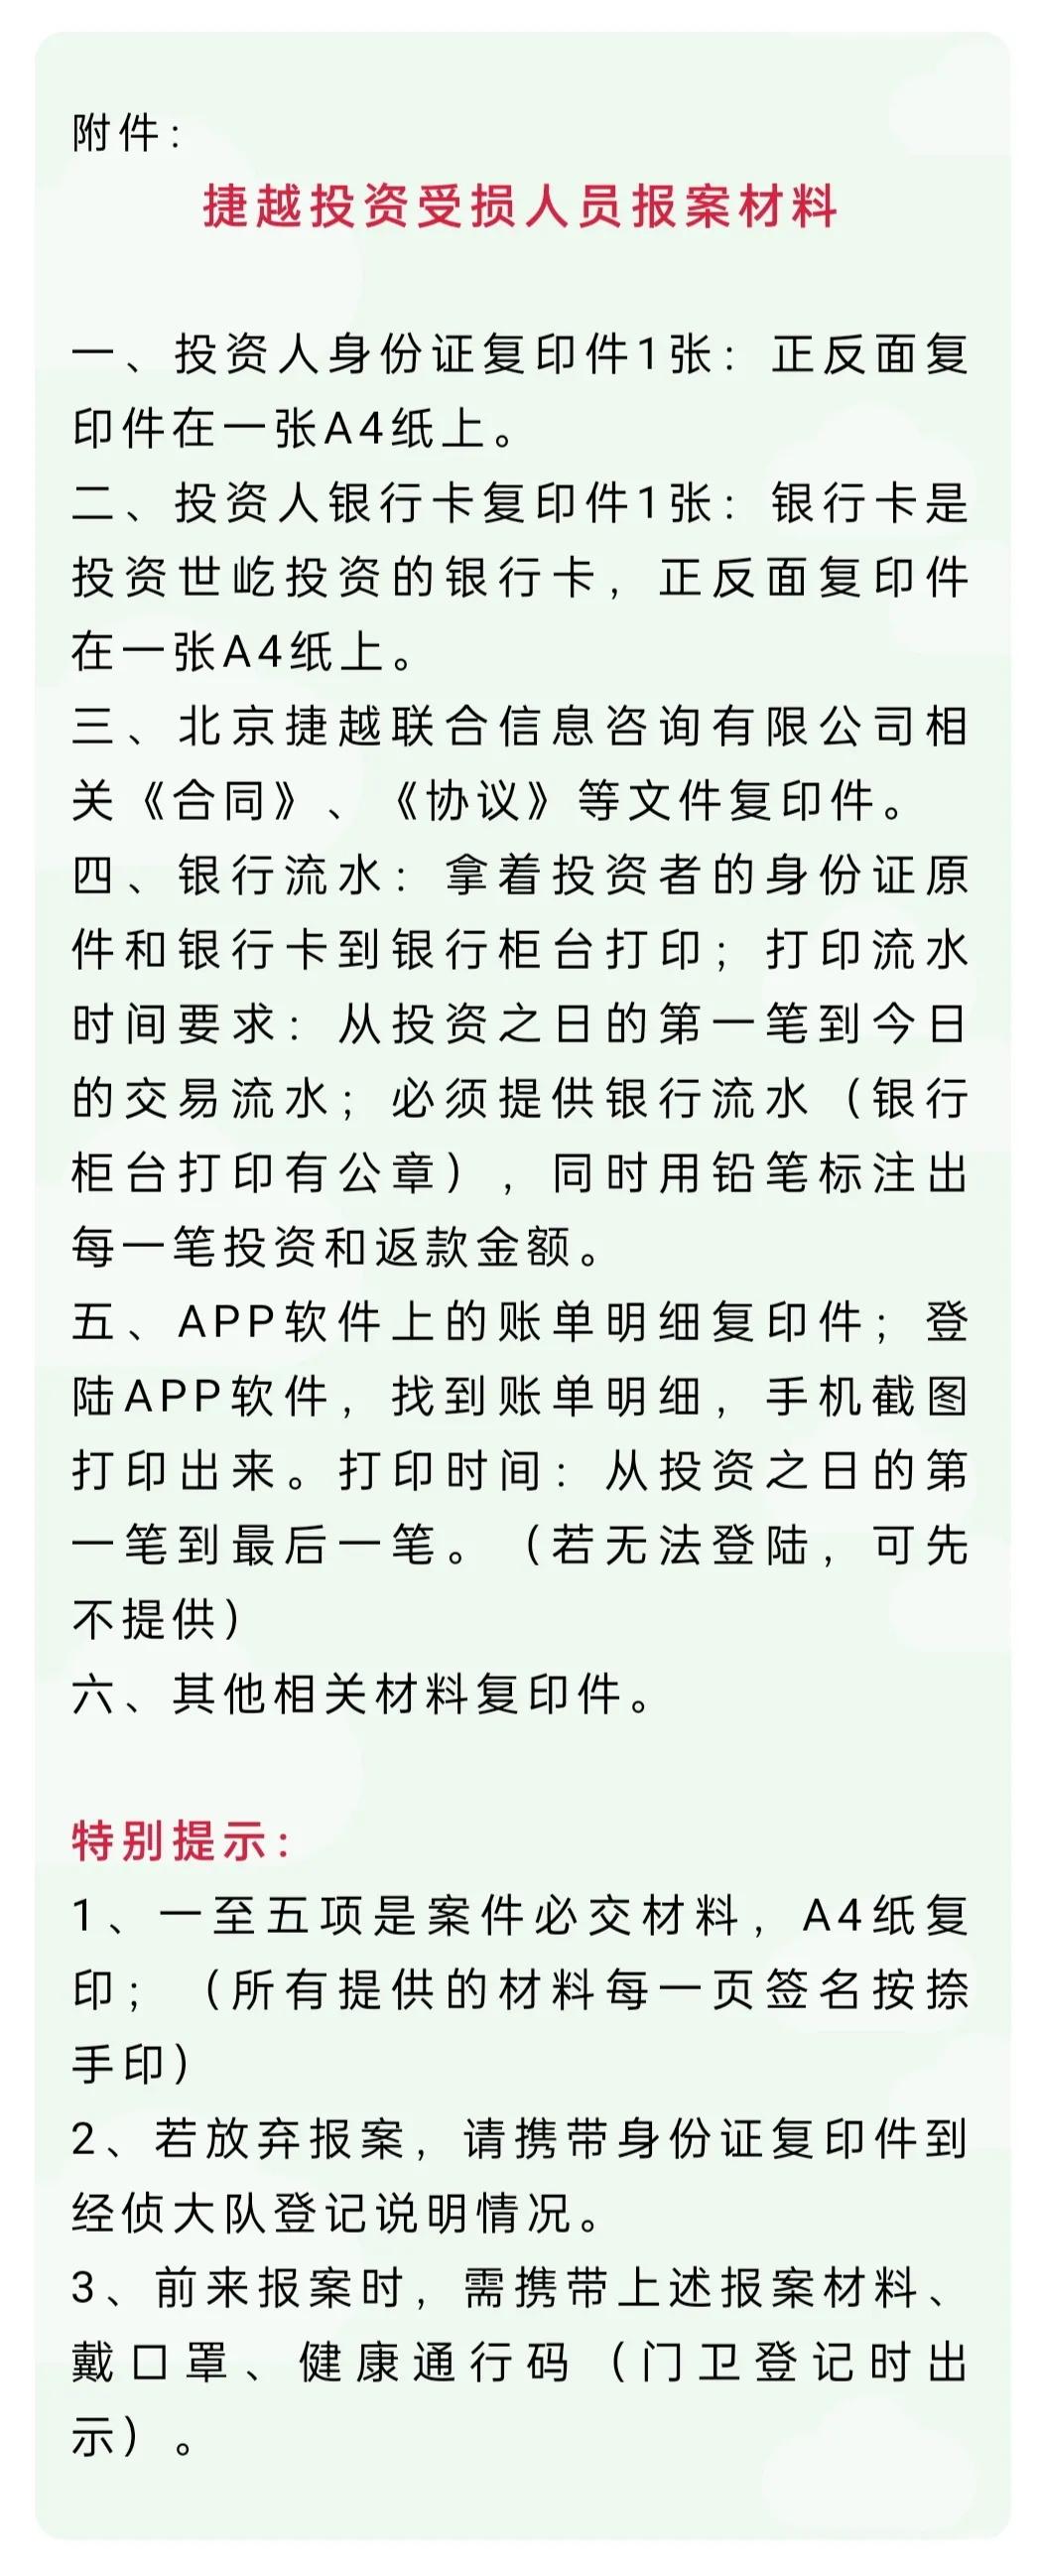 终于立案了!北京百亿P2P平台捷越联合涉嫌非吸